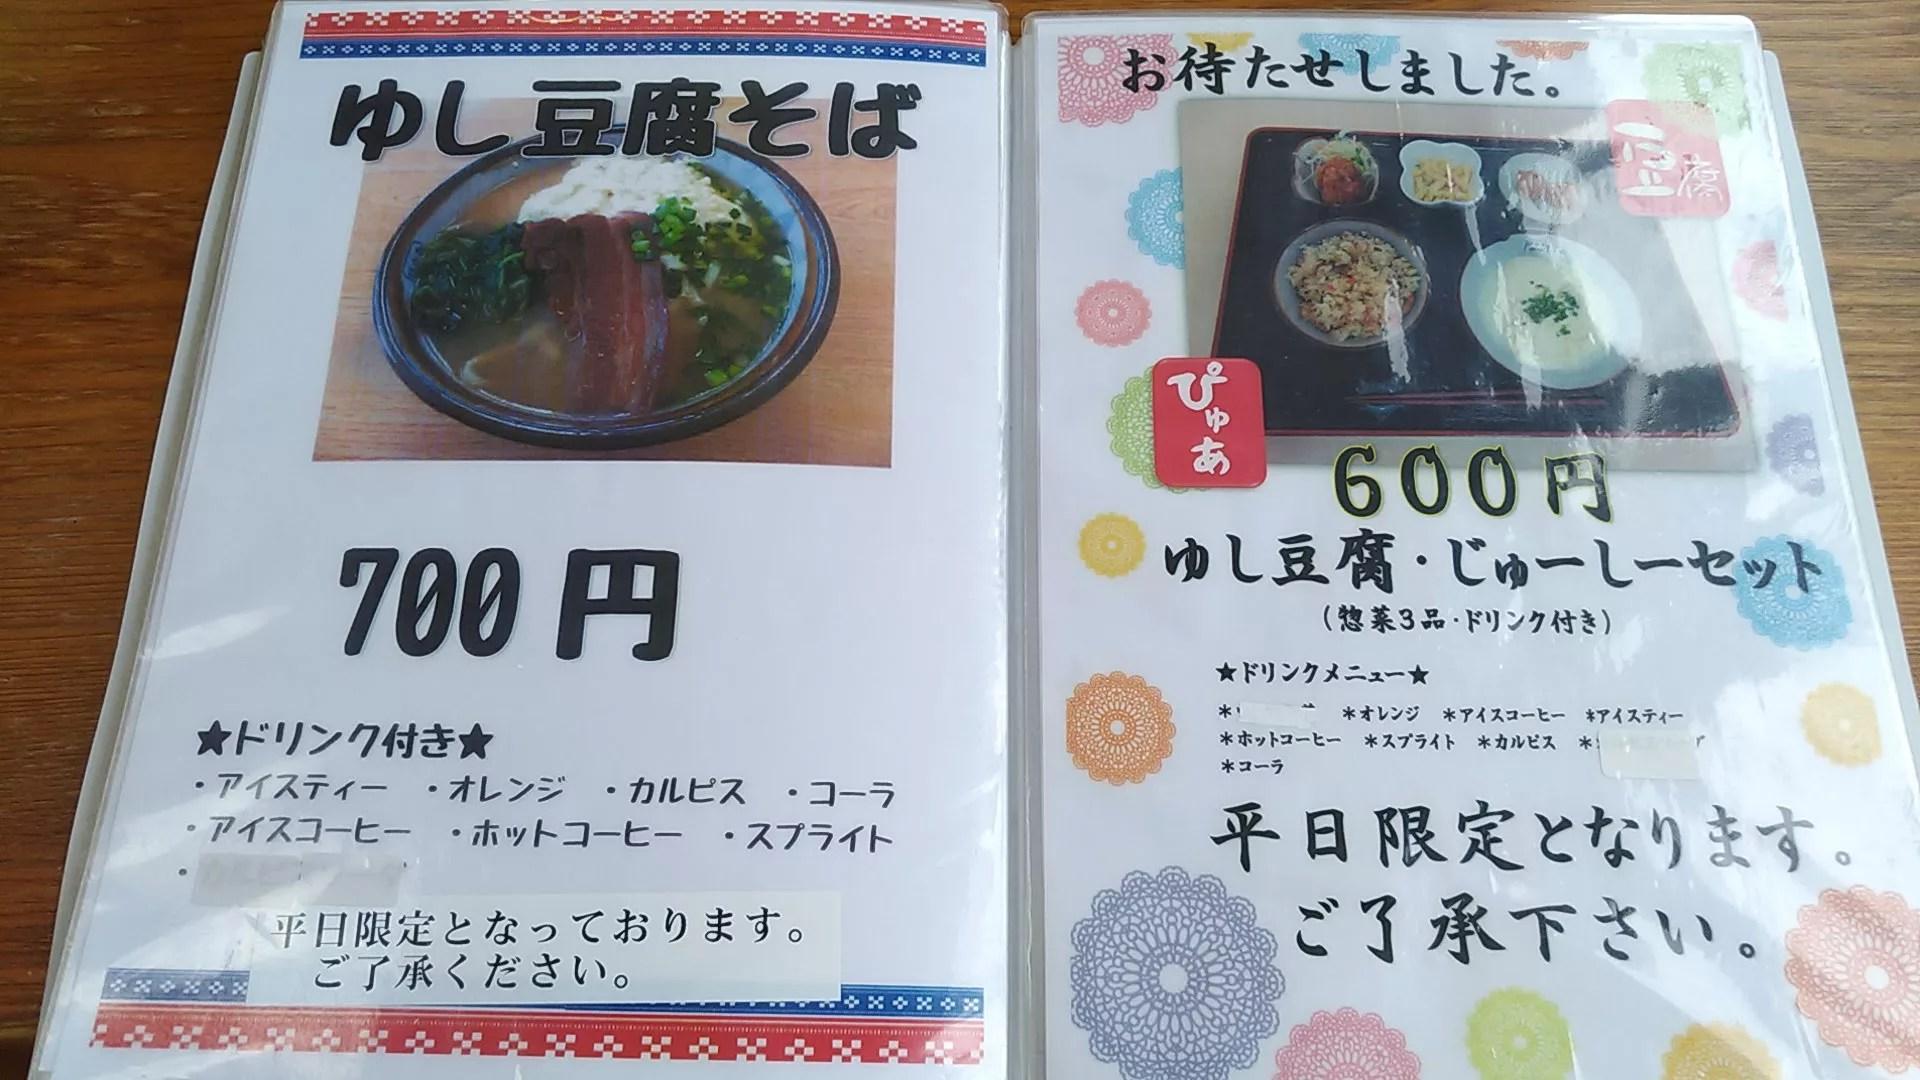 ぴゅあ食堂のメニュー 10